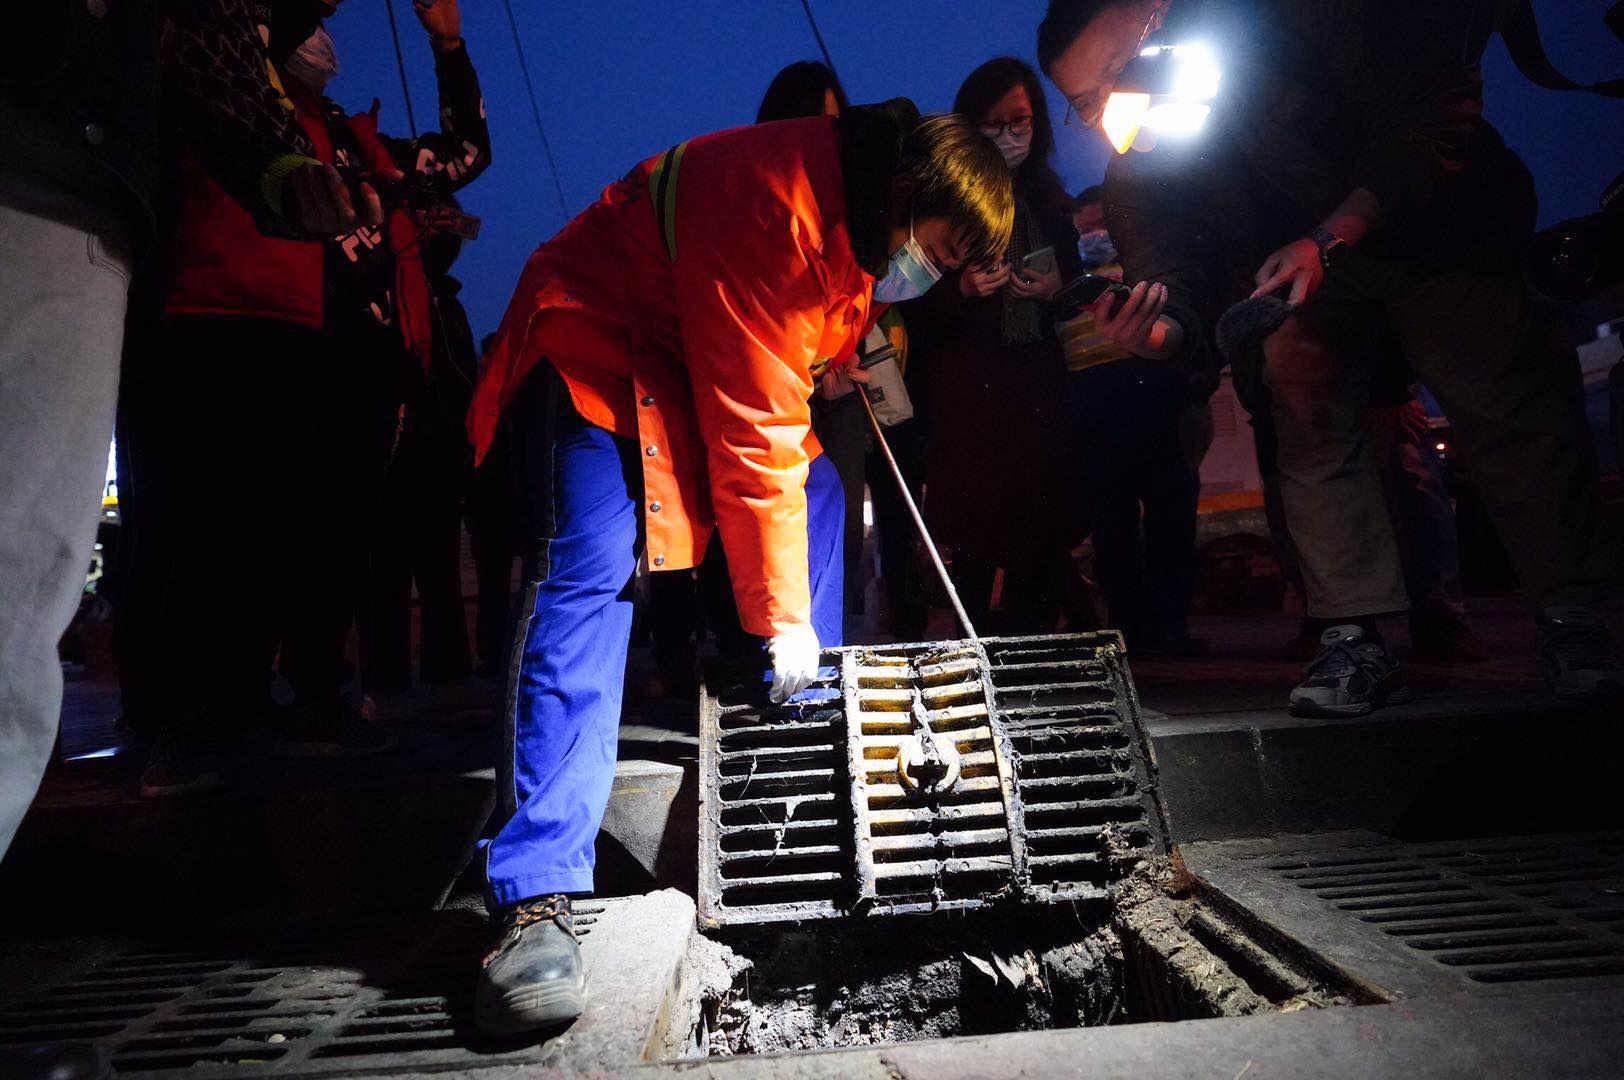 北京水务执法今夜兵分五路查排污,33家店18家有问题图片